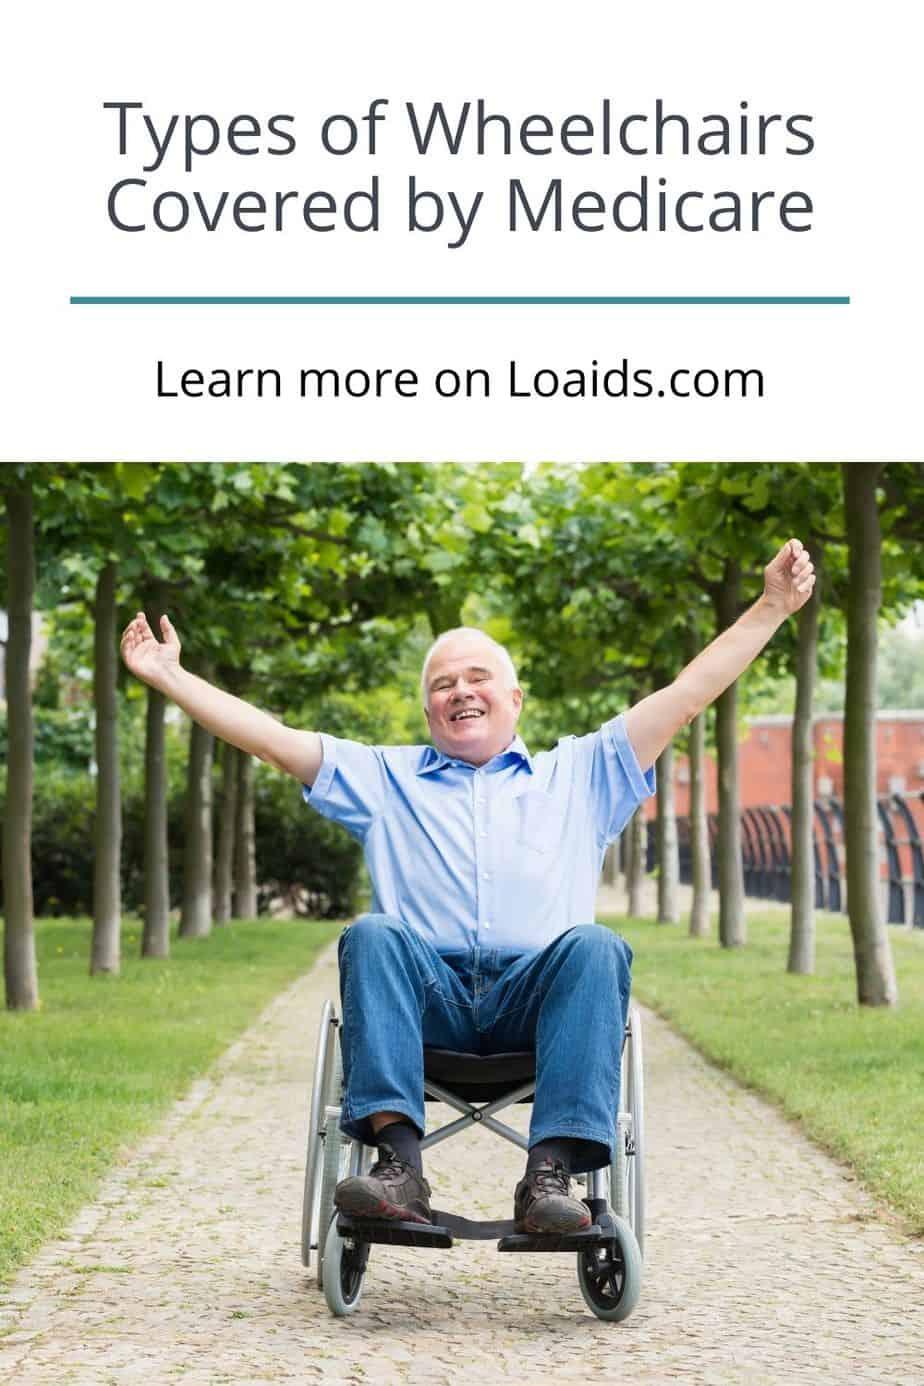 a happy man riding his wheelchair